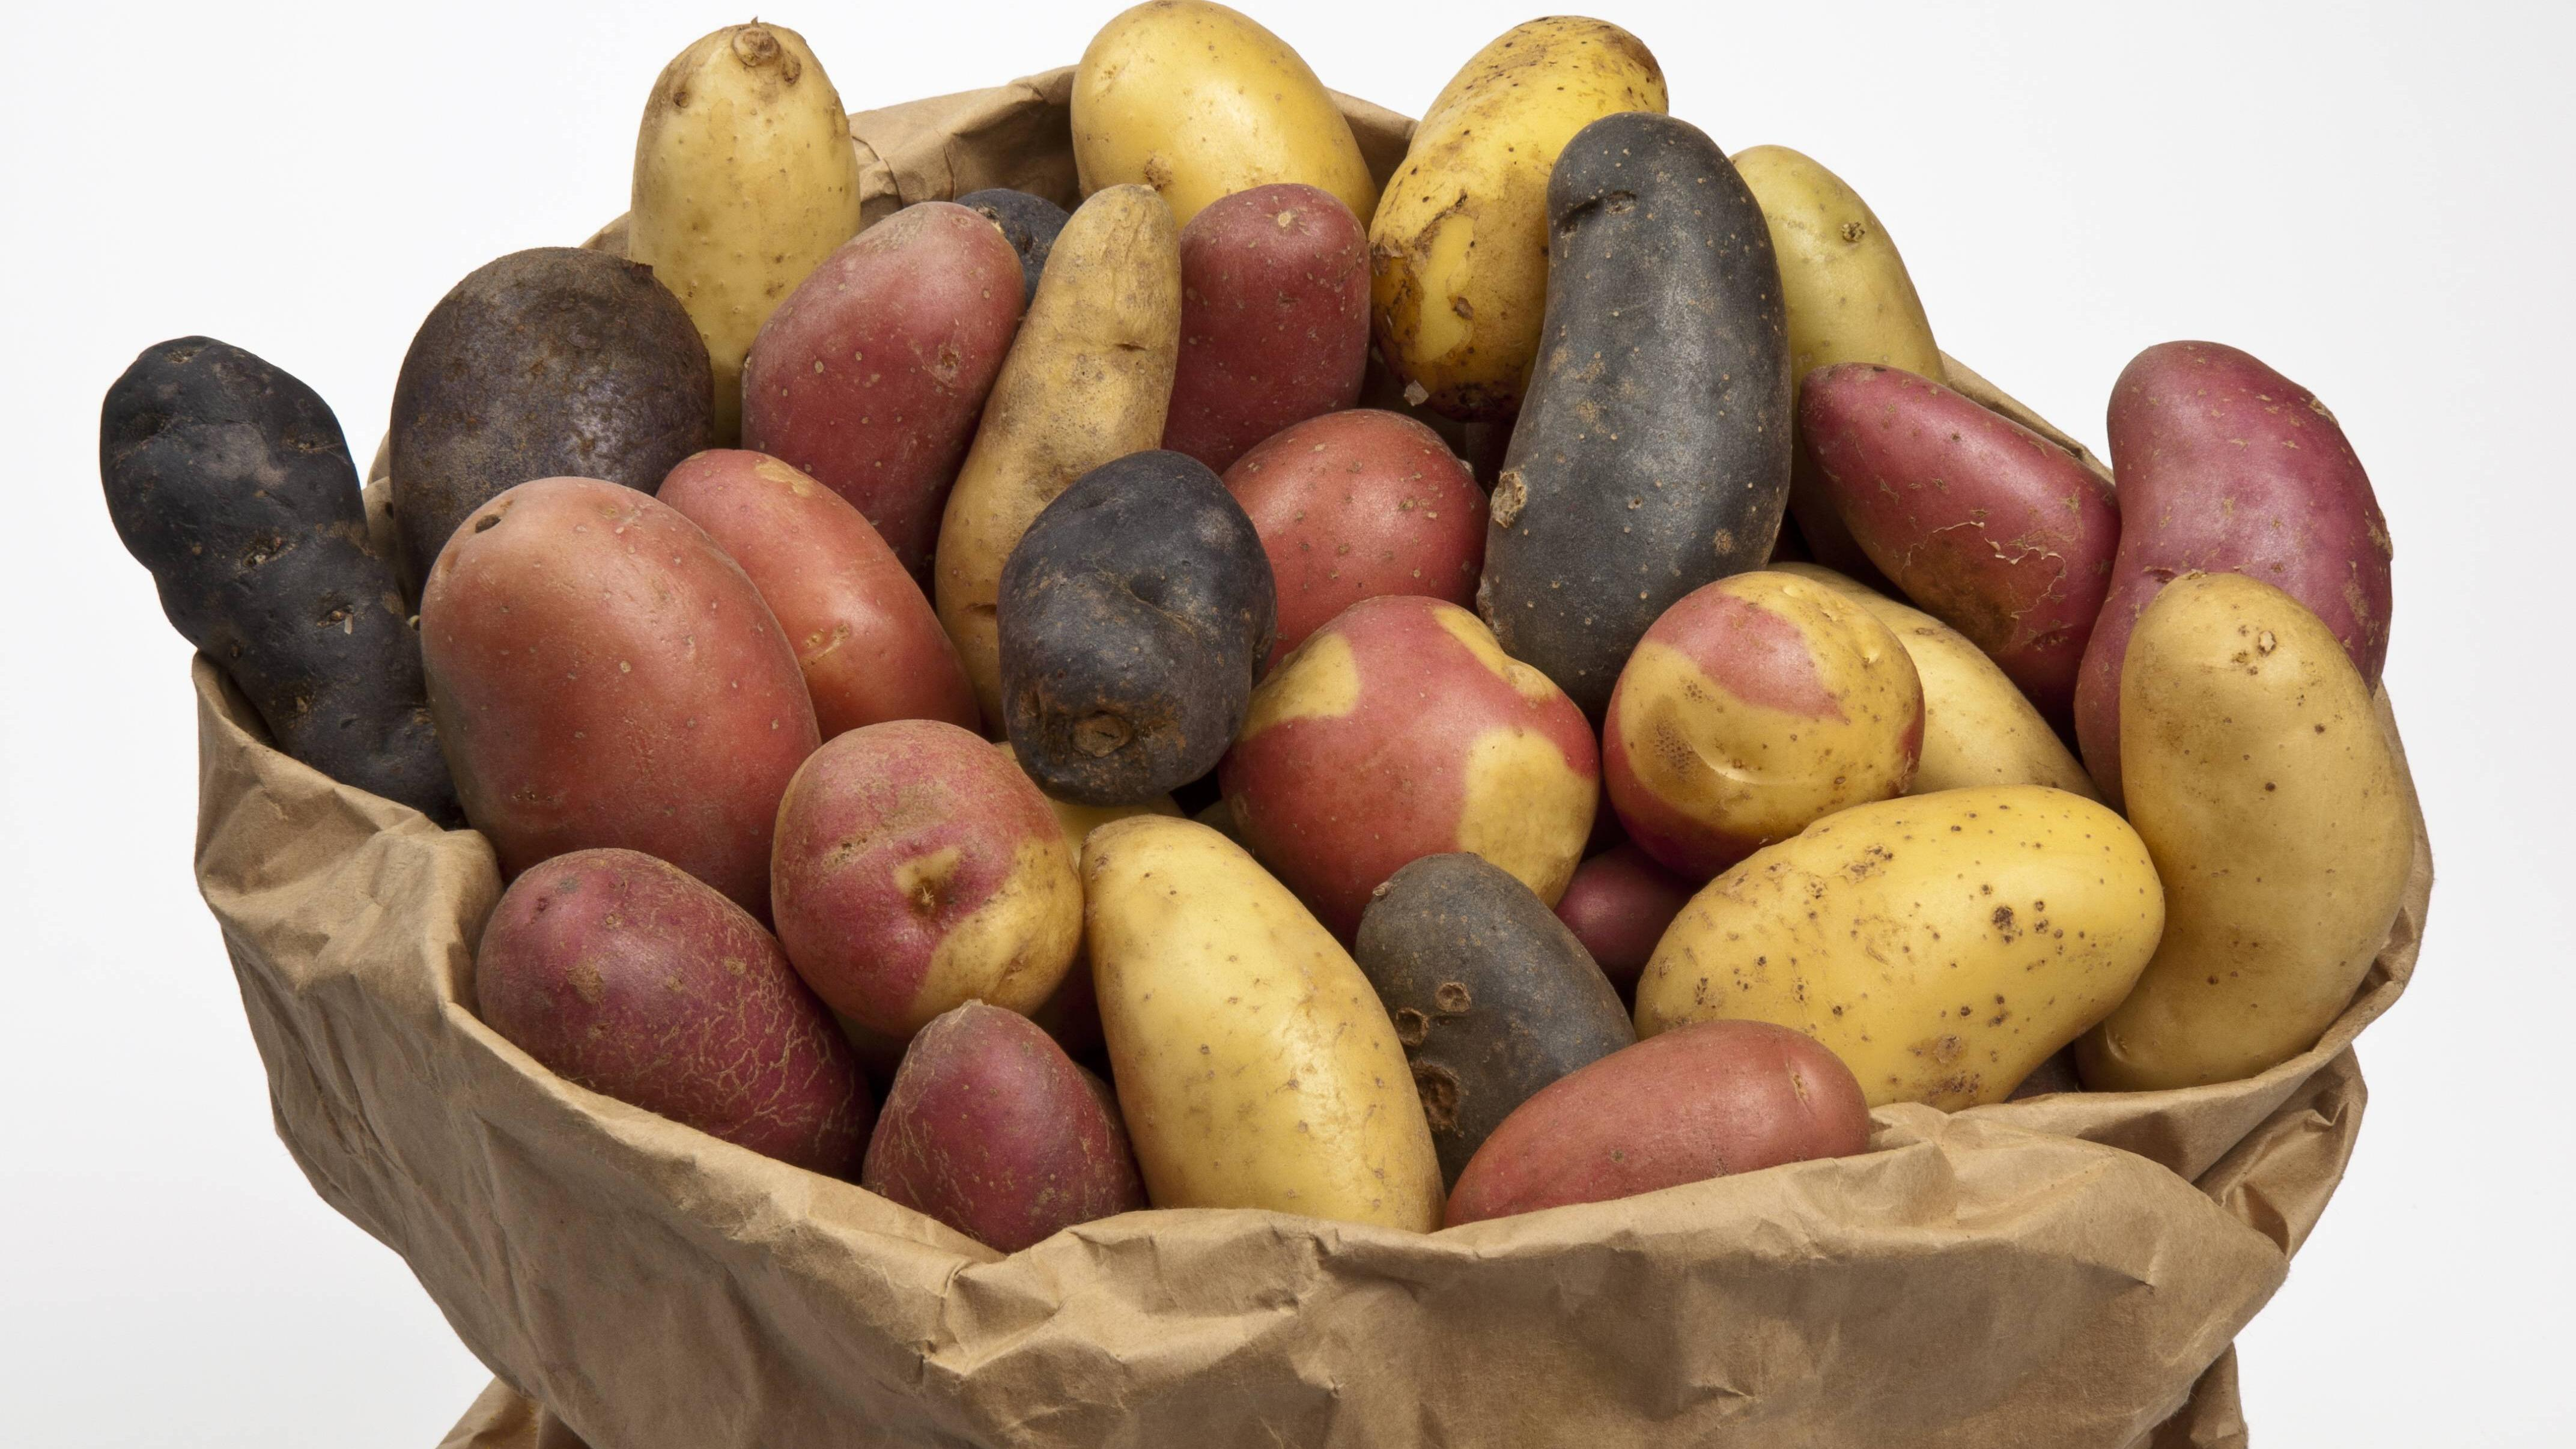 Kartoffeln richtig lagern - so klappt's